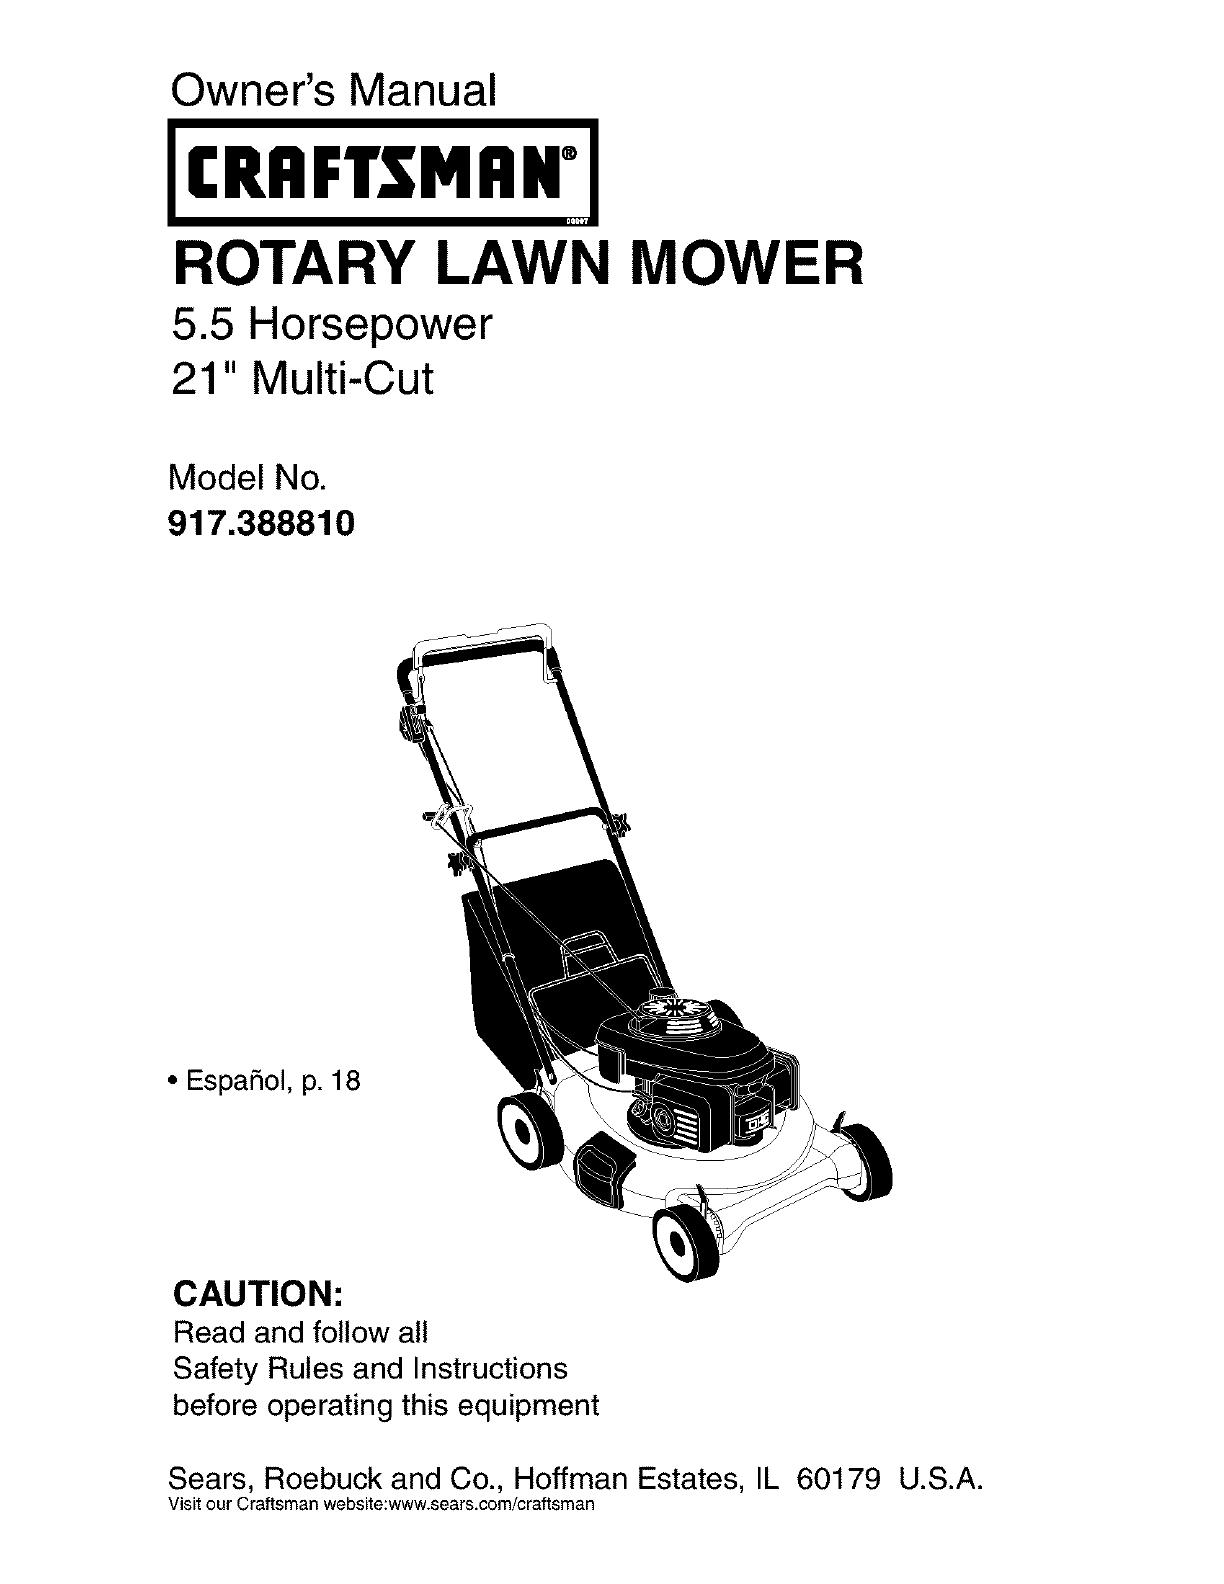 craftsman lawn mower parts manual pdf